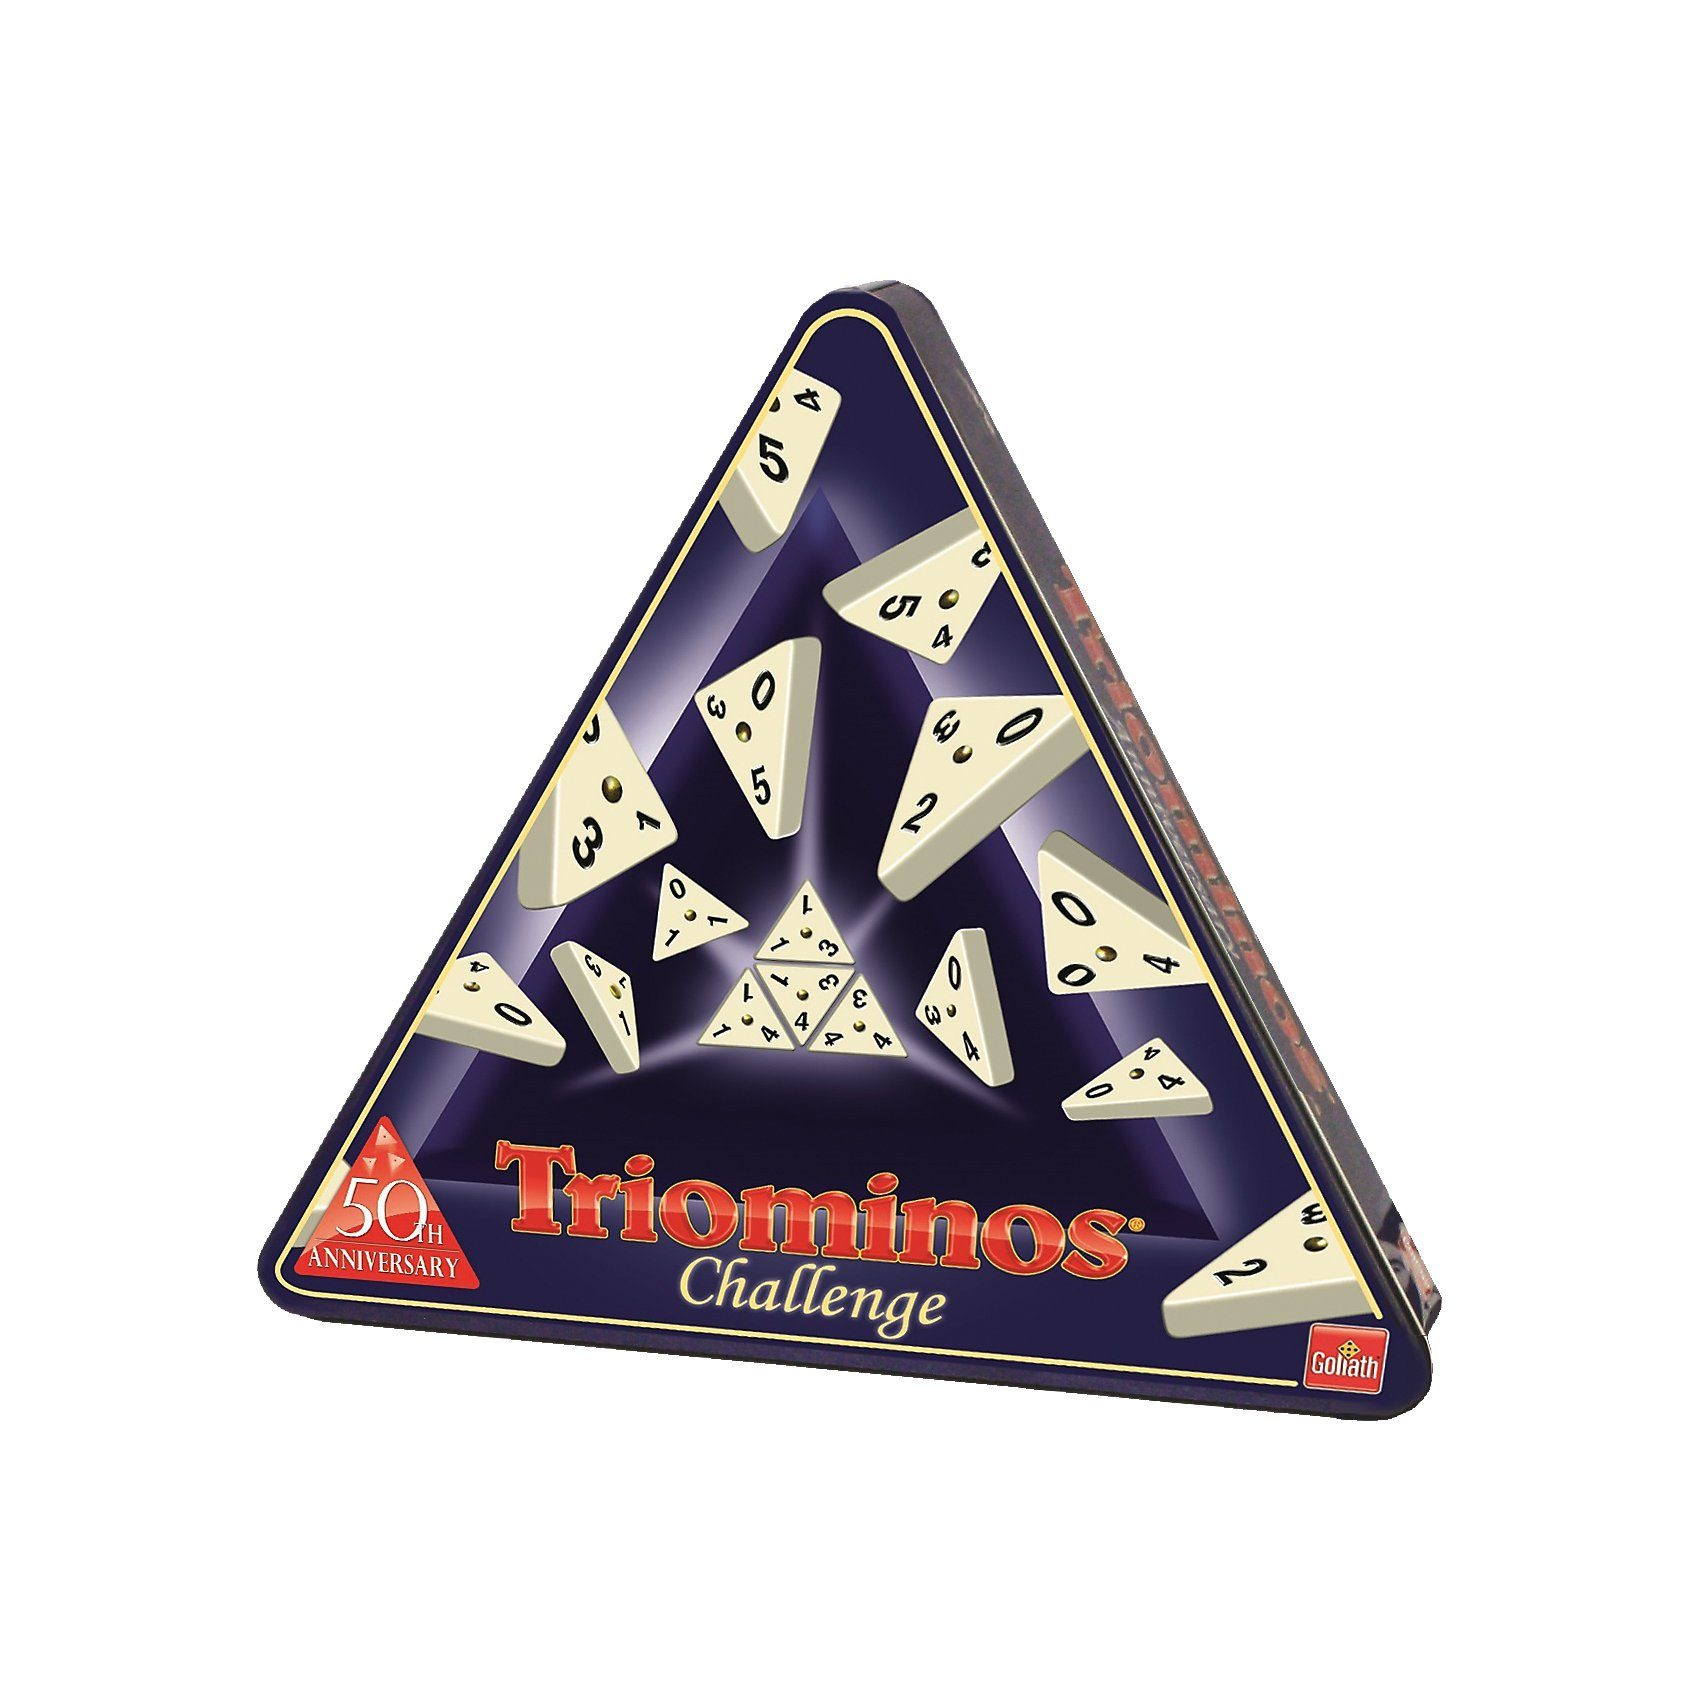 Goliath Triominos Challenge (Jubiläumsausgabe 50 Jahre)